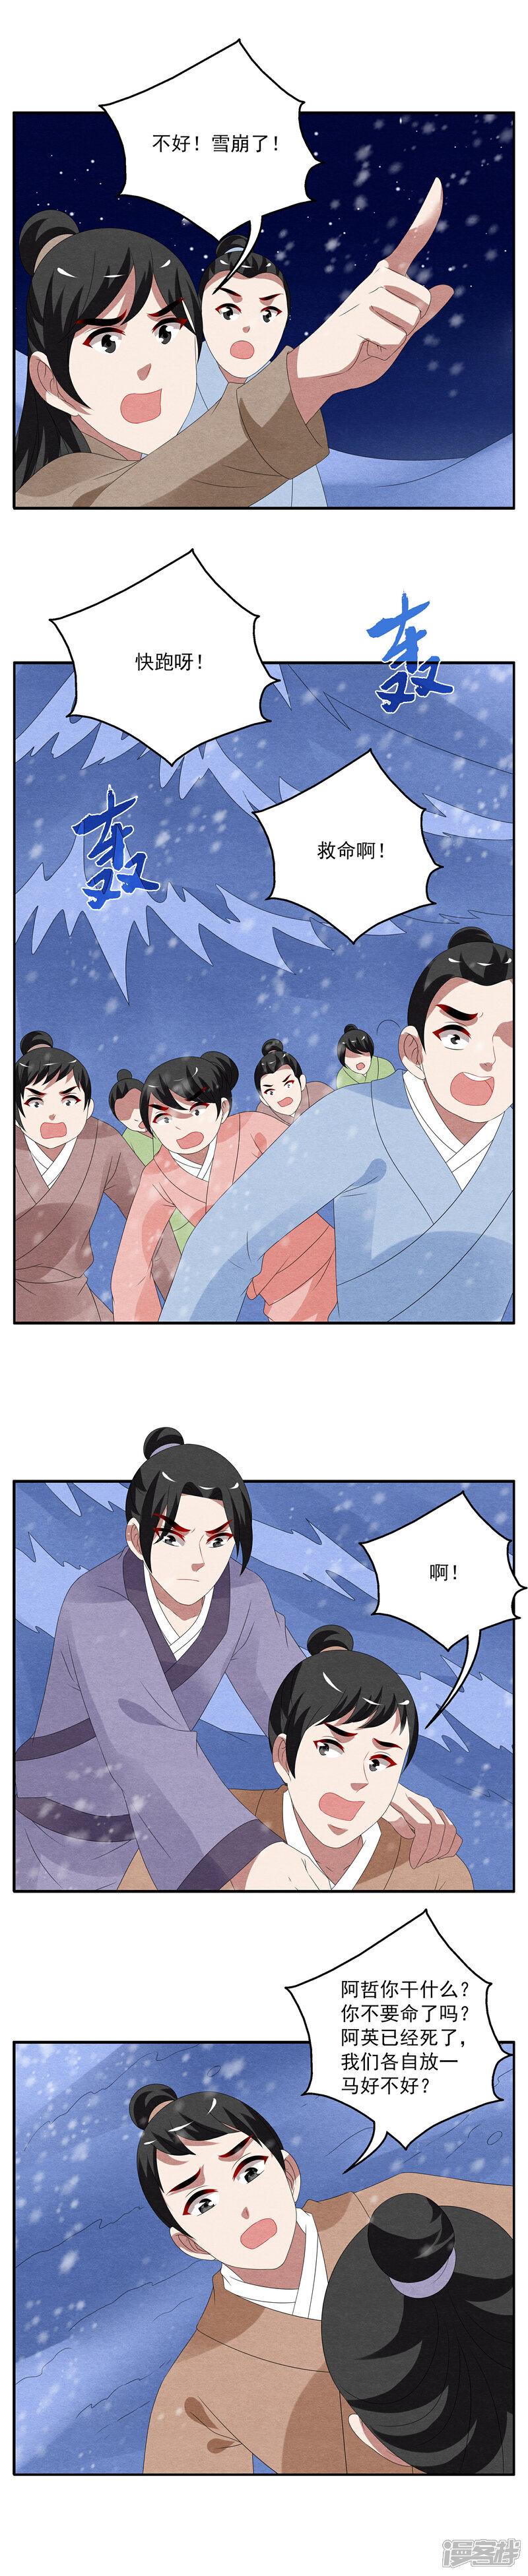 洛小妖101 (4).JPG